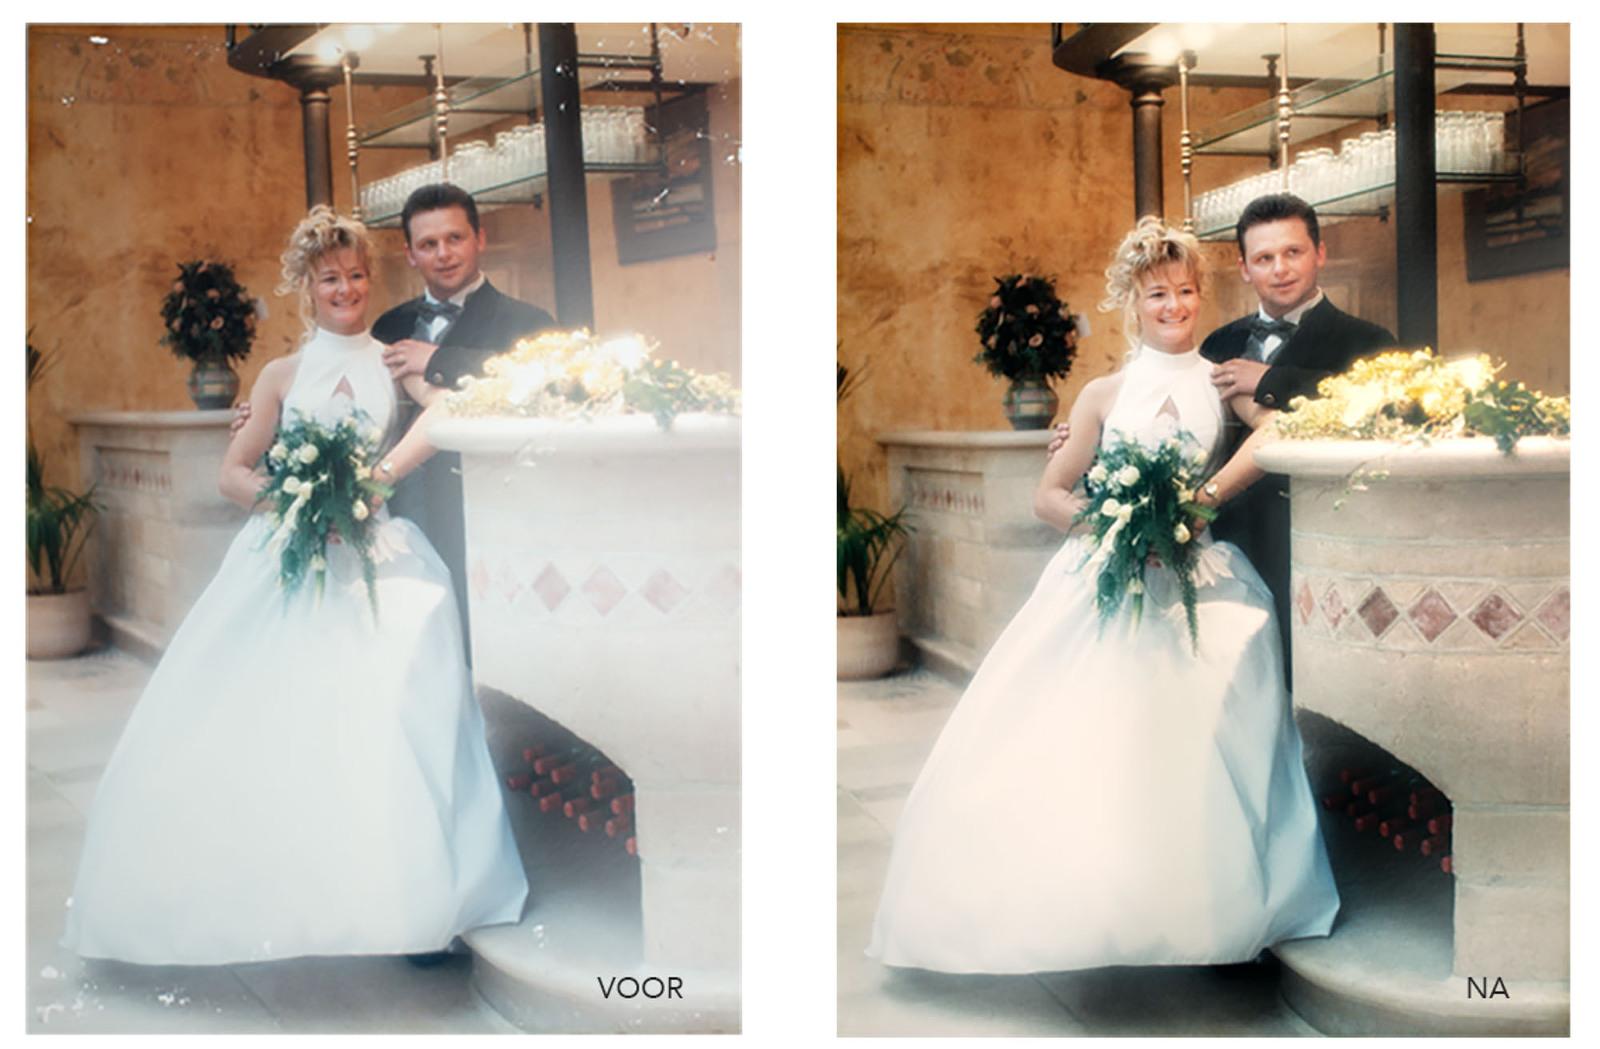 fotohersteldienst voor en na van een oude huwelijksfoto door Studio Ketels